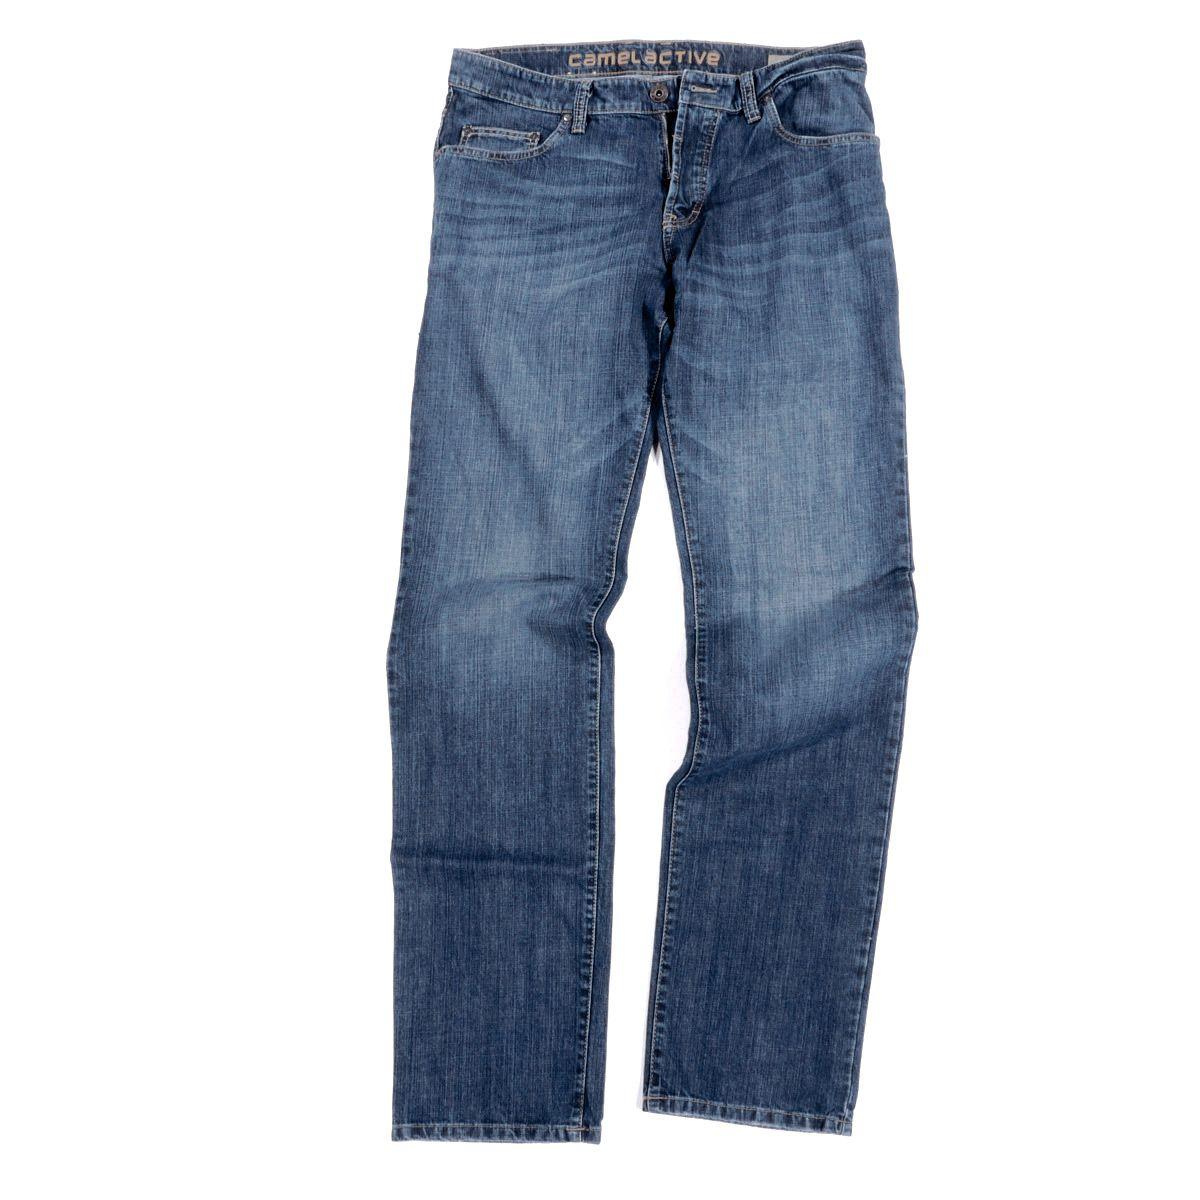 Jean Woodstock bleu délavé : grande longueur de jambe 36US